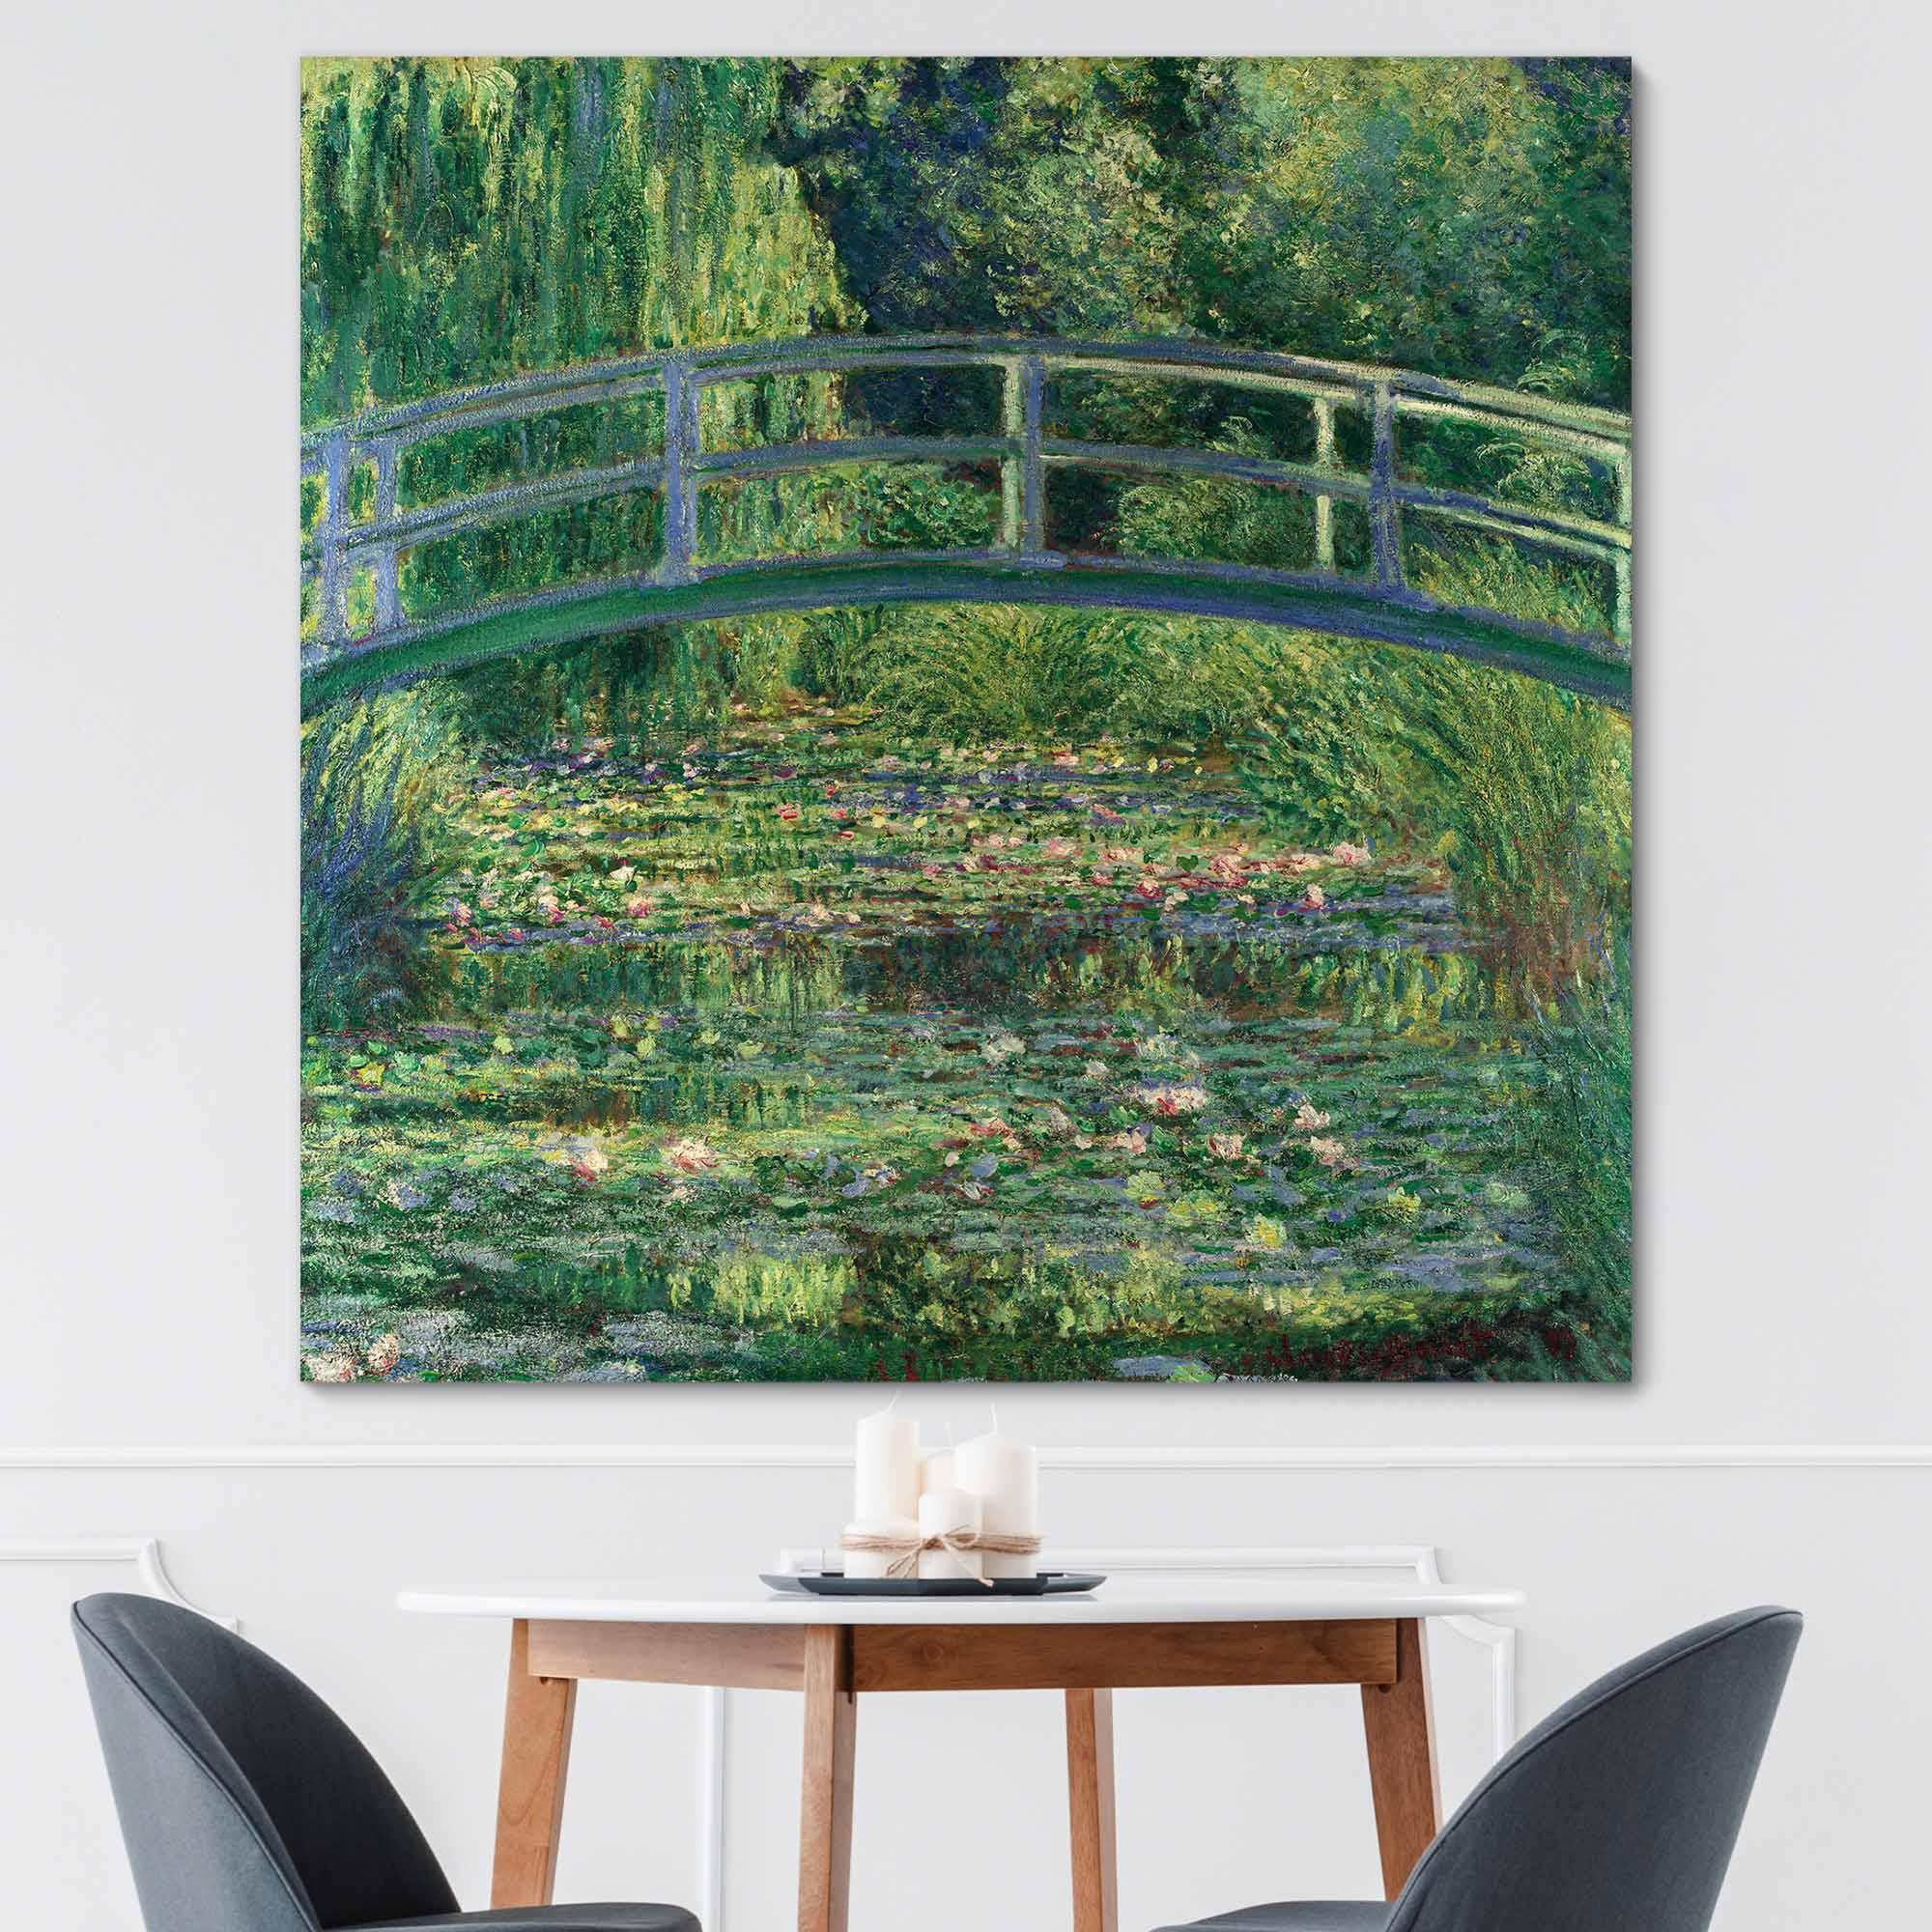 Monet Japanese Bridge (Lily Pond) by Claude Monet - Canvas Print